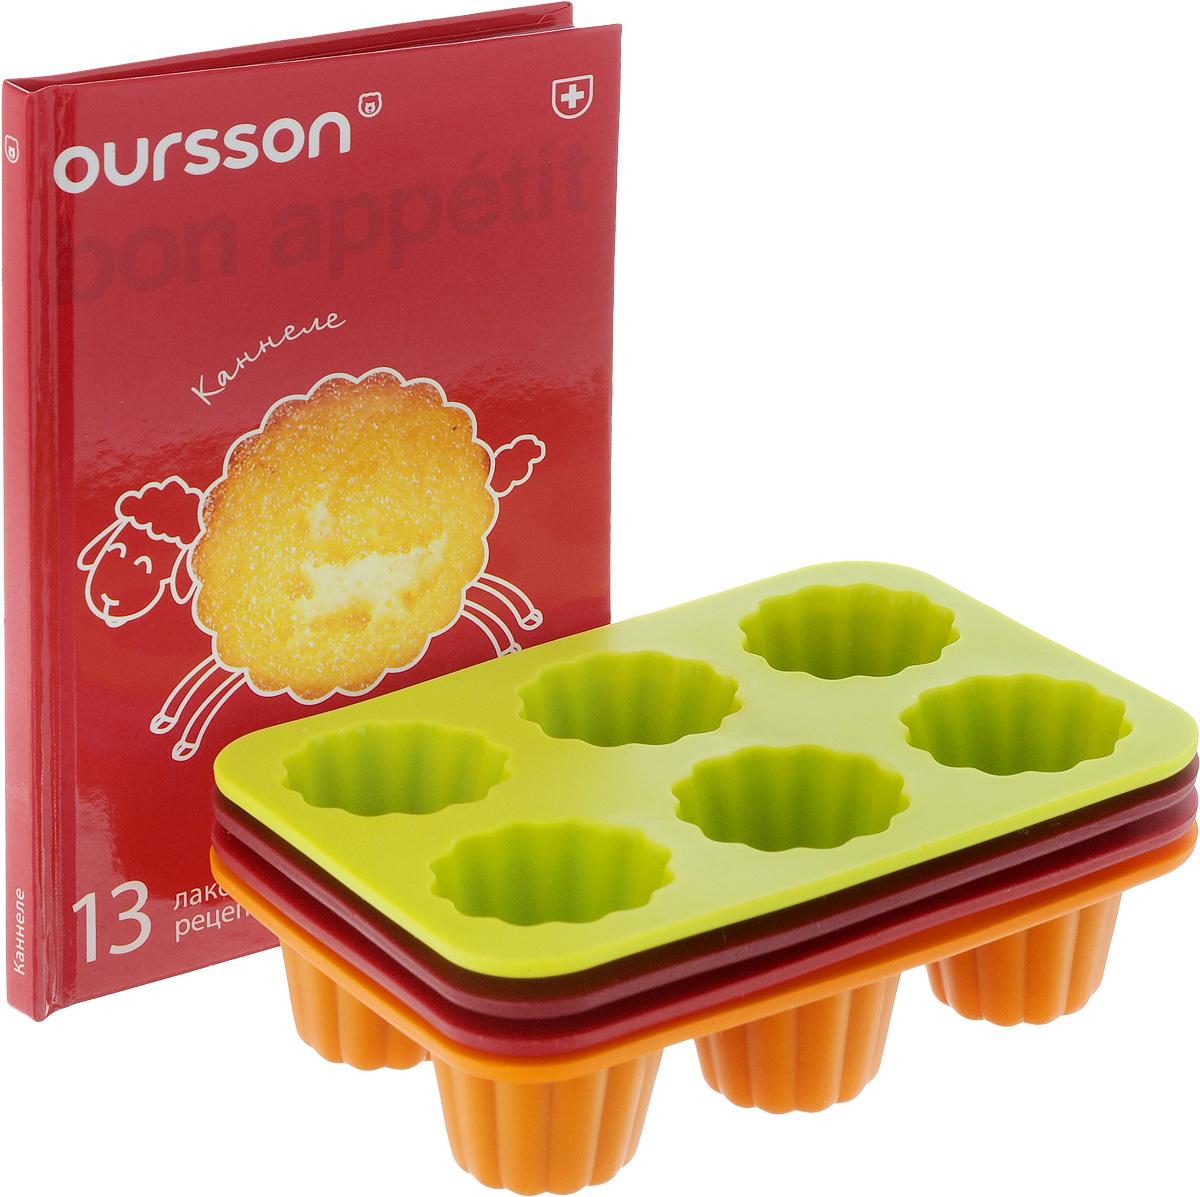 Набор для выпечки Oursson: мини-формы для выпечки 4 вида по 6 шт, книга рецептов 13 рецептов КаннелиBW1353SS/MCНабор силиконовых мини-форм для выпечки 4 формы по 6шт.(красный, оранжевый, зеленое яблоко, темная вишня) + книга рецептов (13 рецептов Каннели), подарочная упаковка